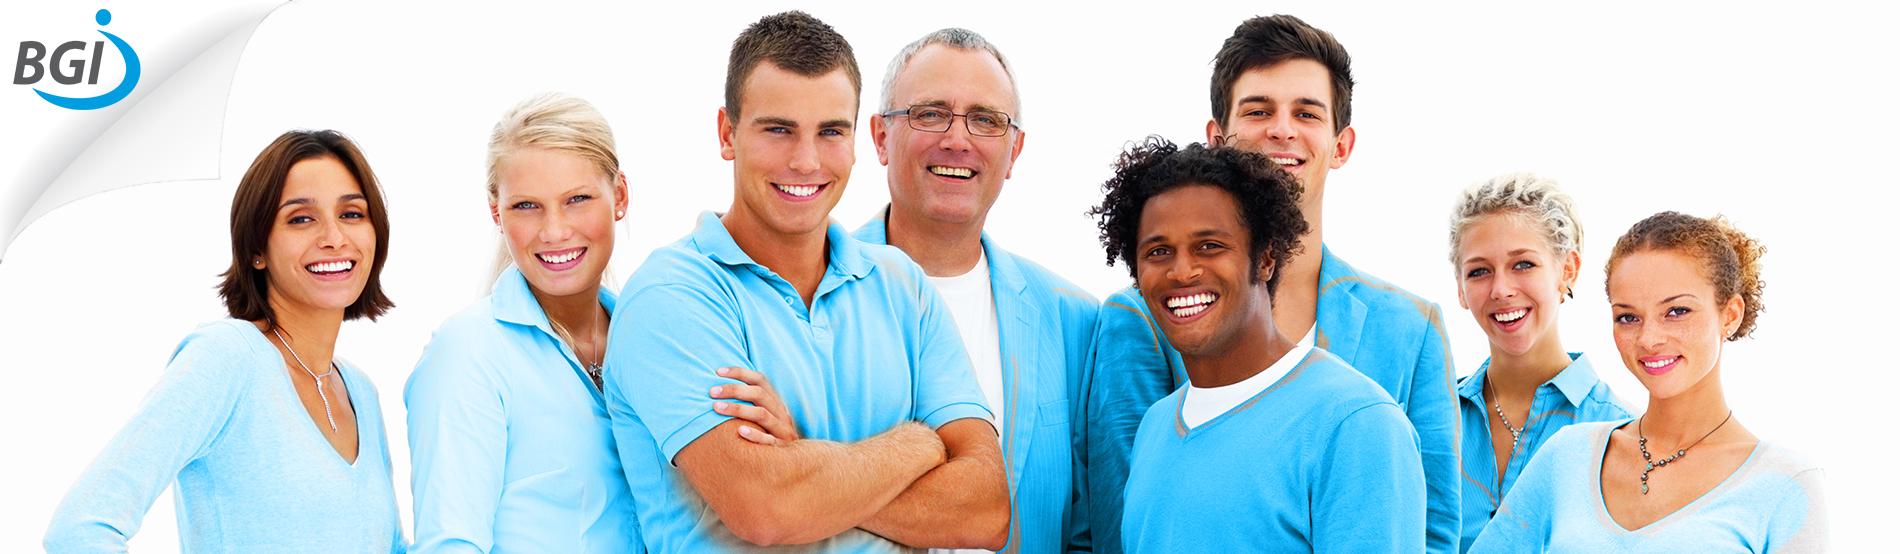 Fachkraft für Betreuung, Pflege und Gesundhei